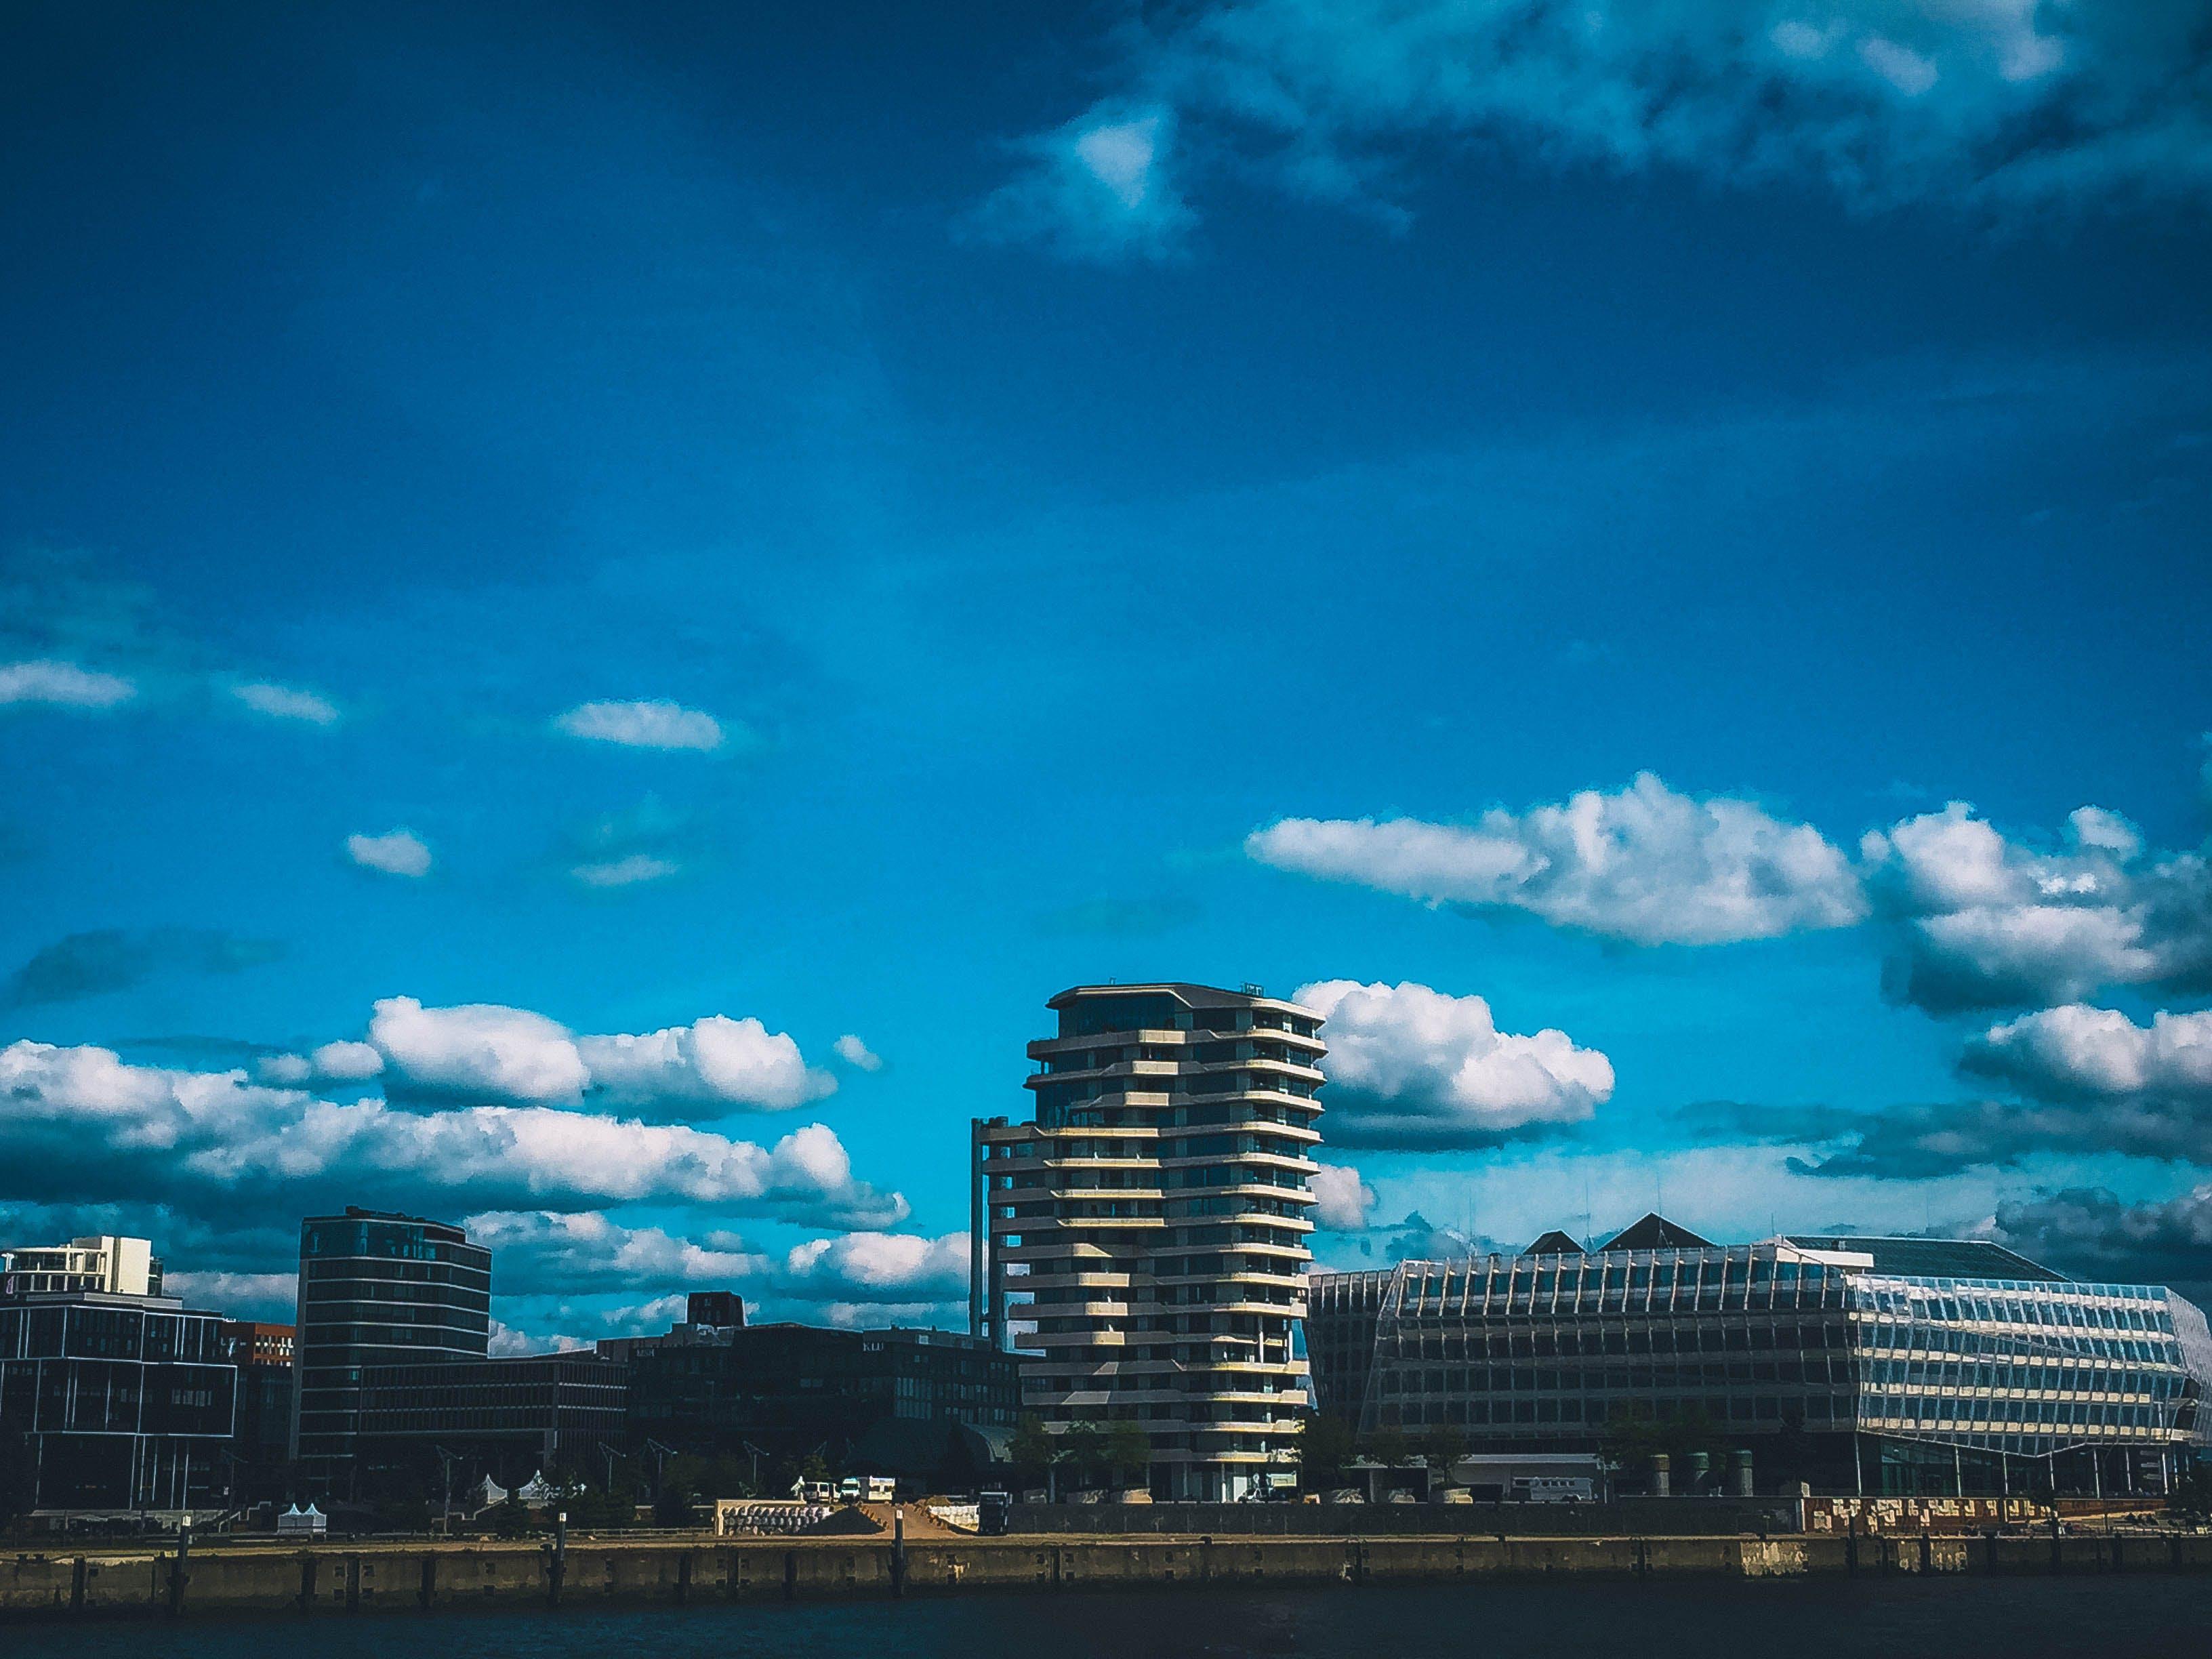 Kostenloses Stock Foto zu architektur, büros, gebäude, himmel